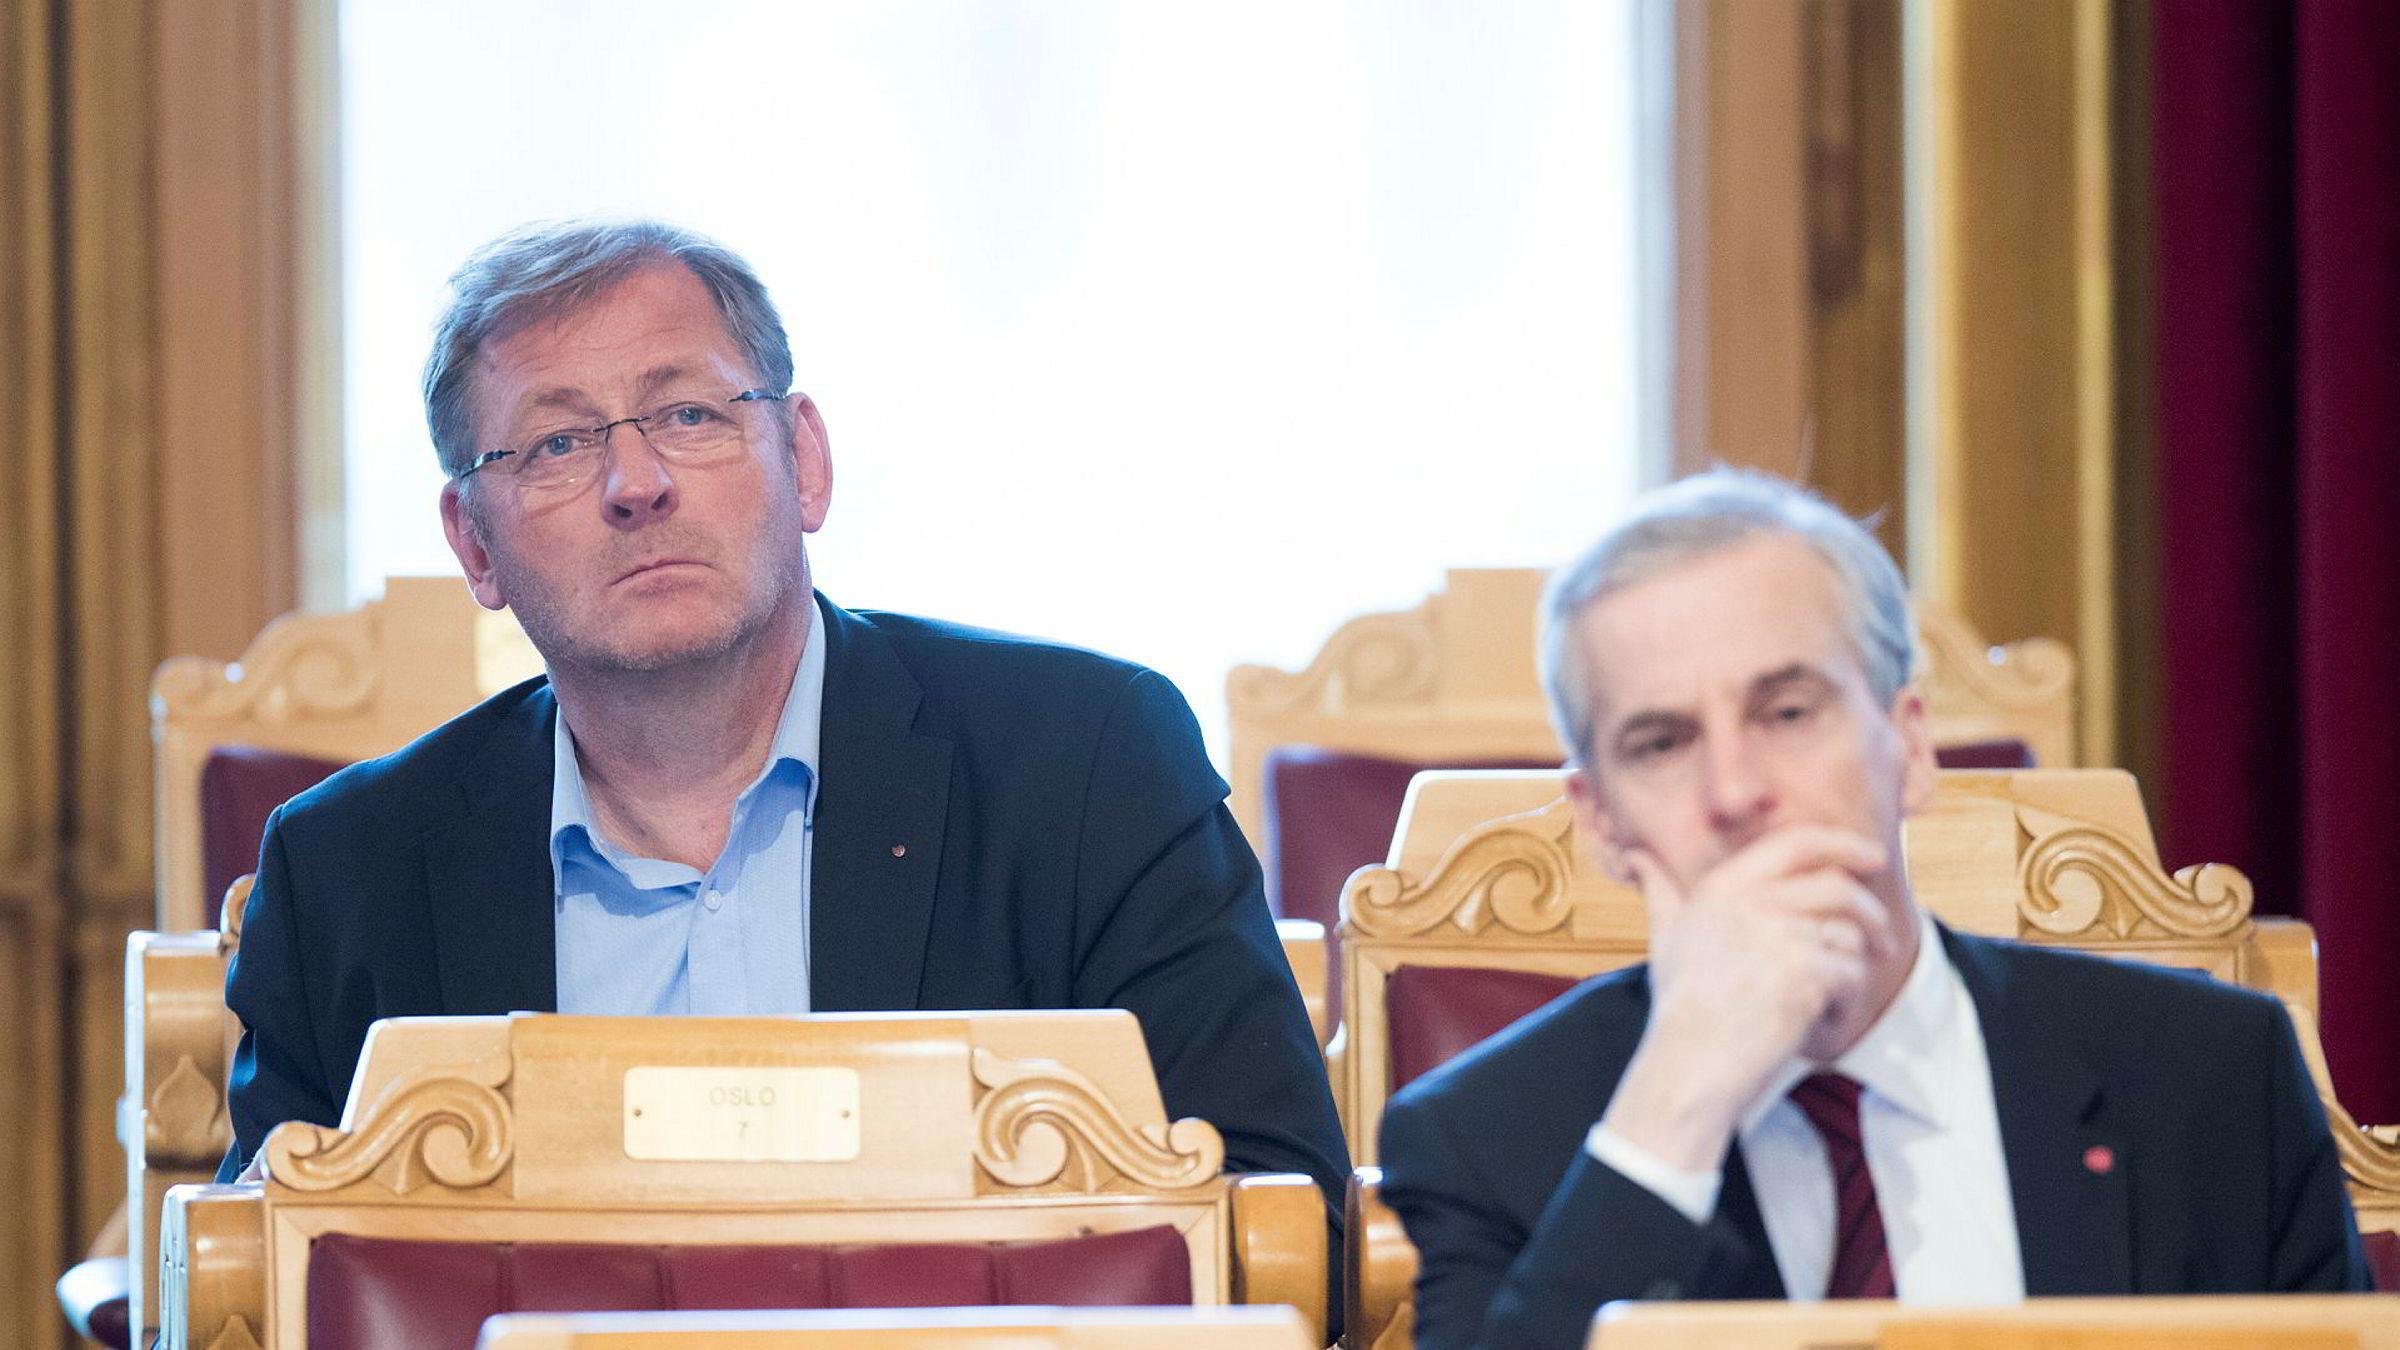 Stortingsrepresentant Jorodd Asphjell ser frem til at Trond Giske kommer tilbake. Her sammen med partileder Jonas Gahr Støre på Stortinget.